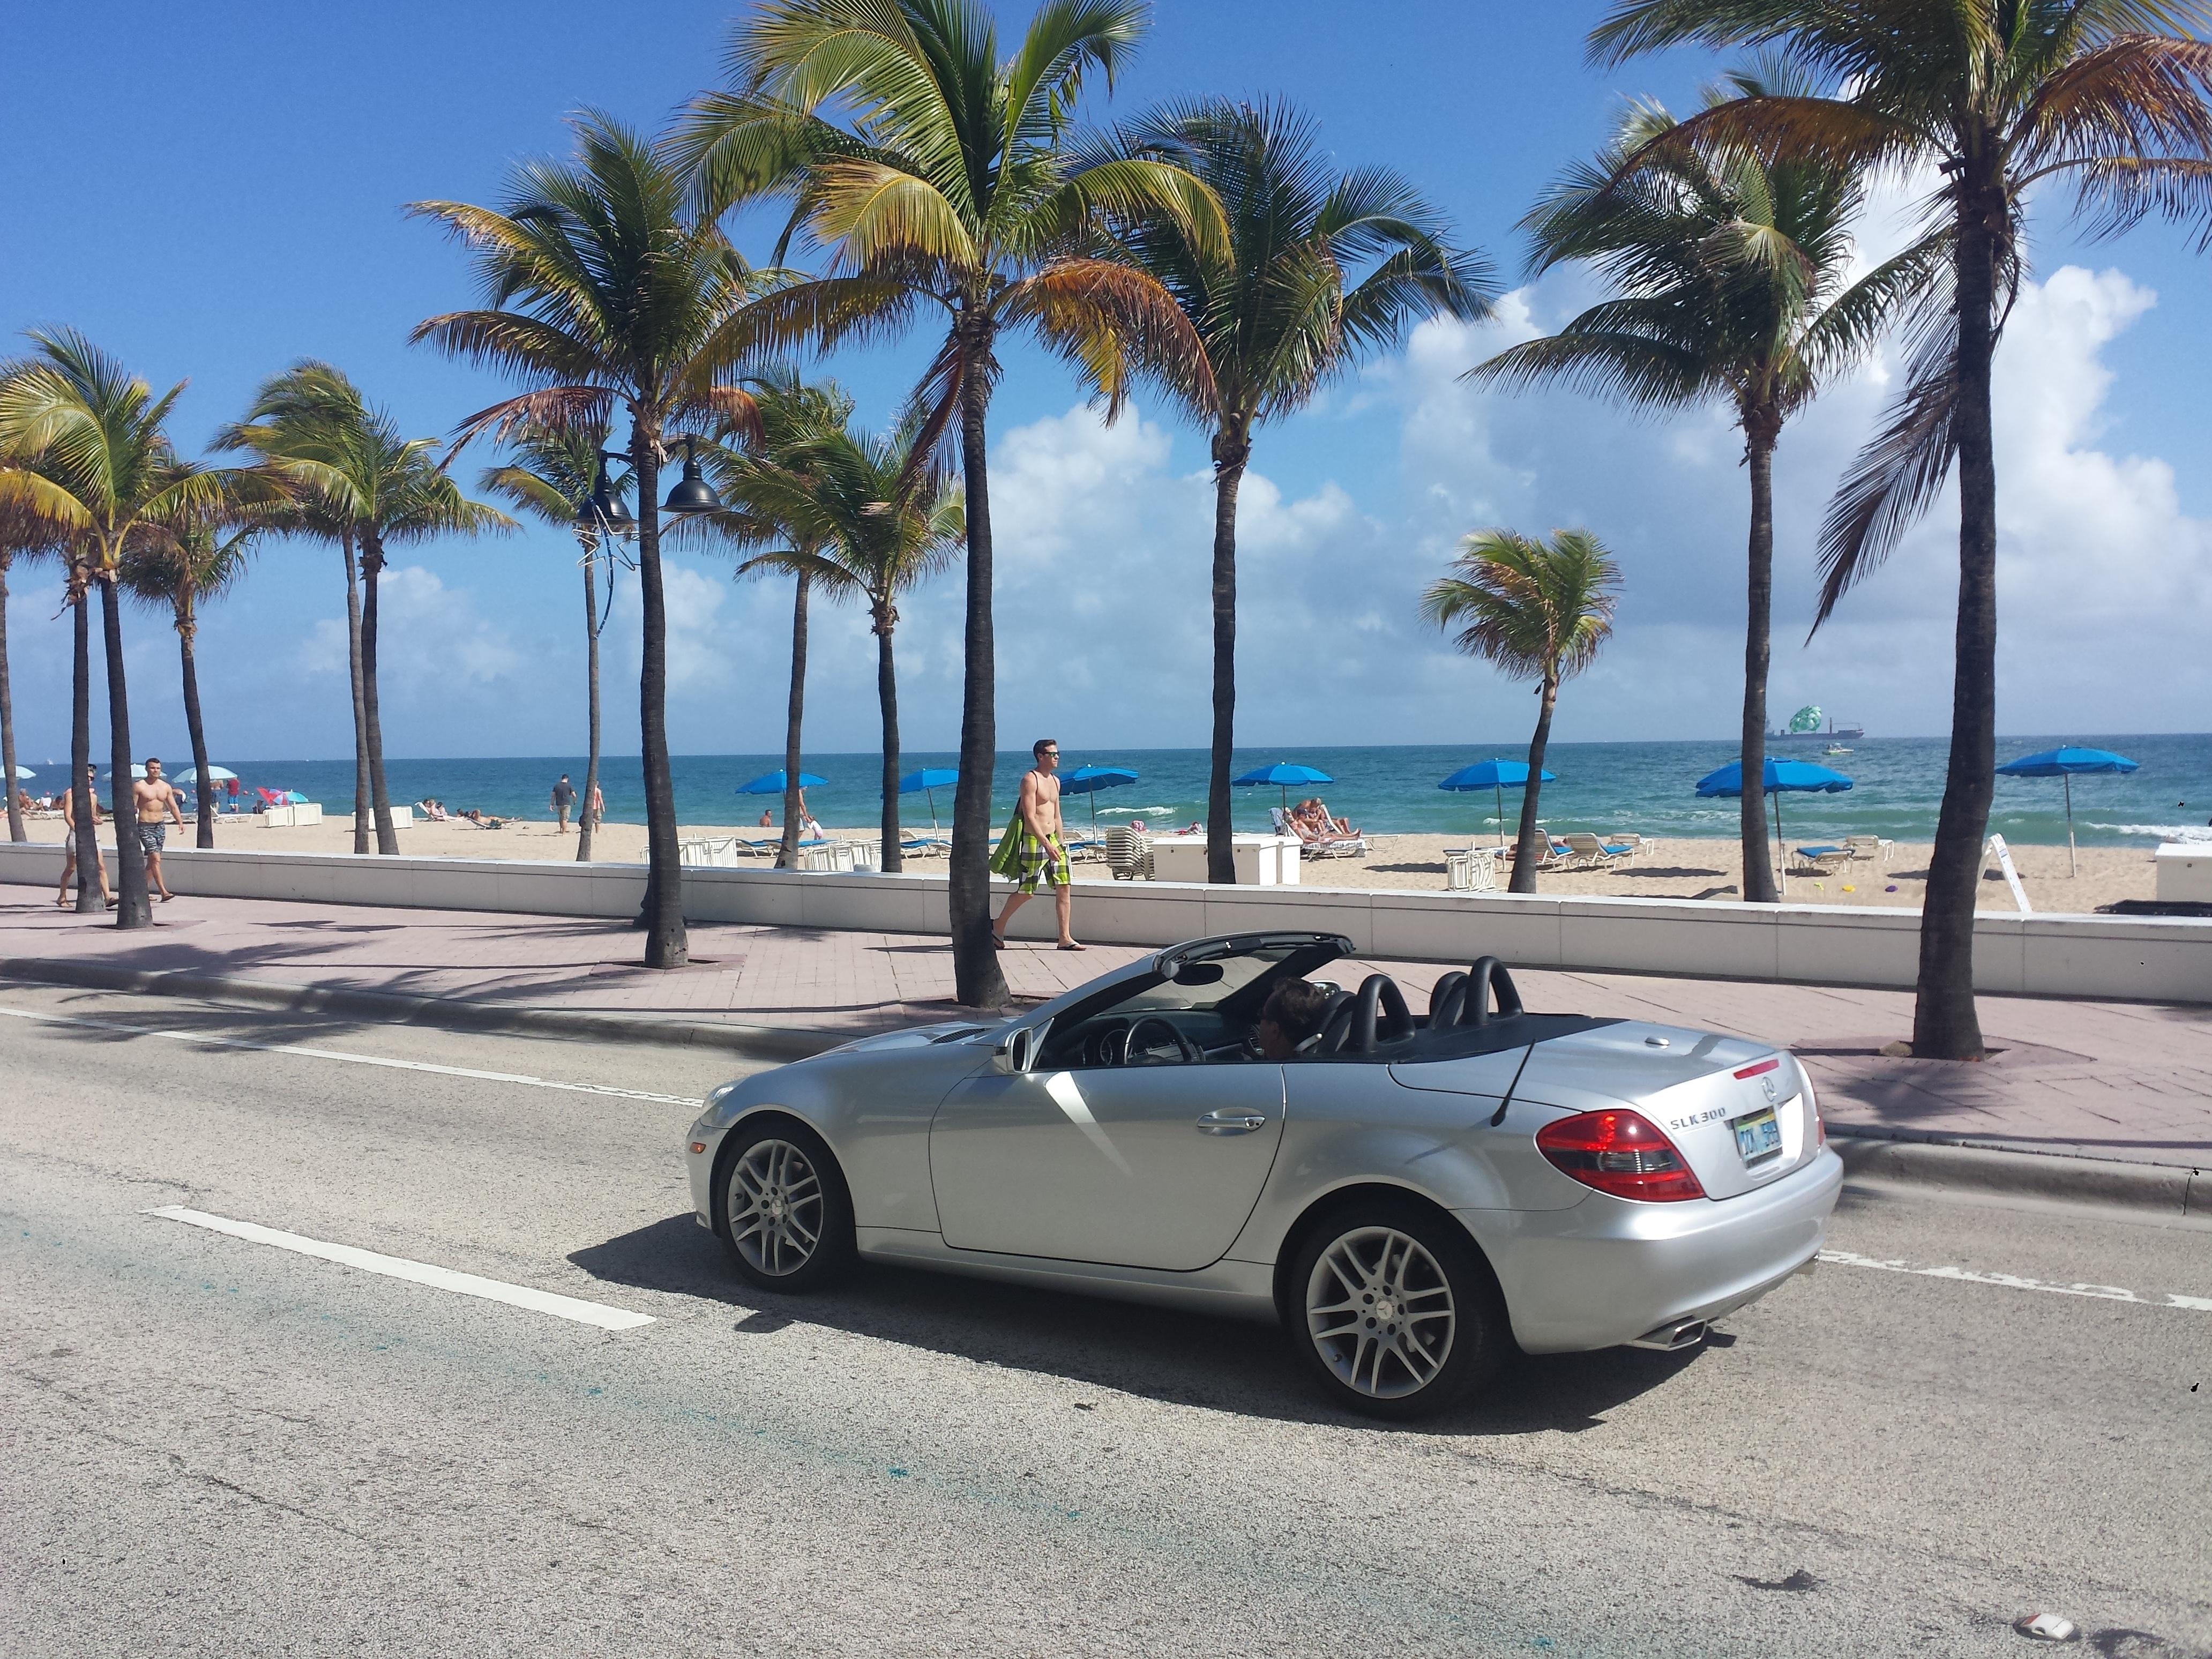 Free beach wheel usa sports car supercar miami bmw